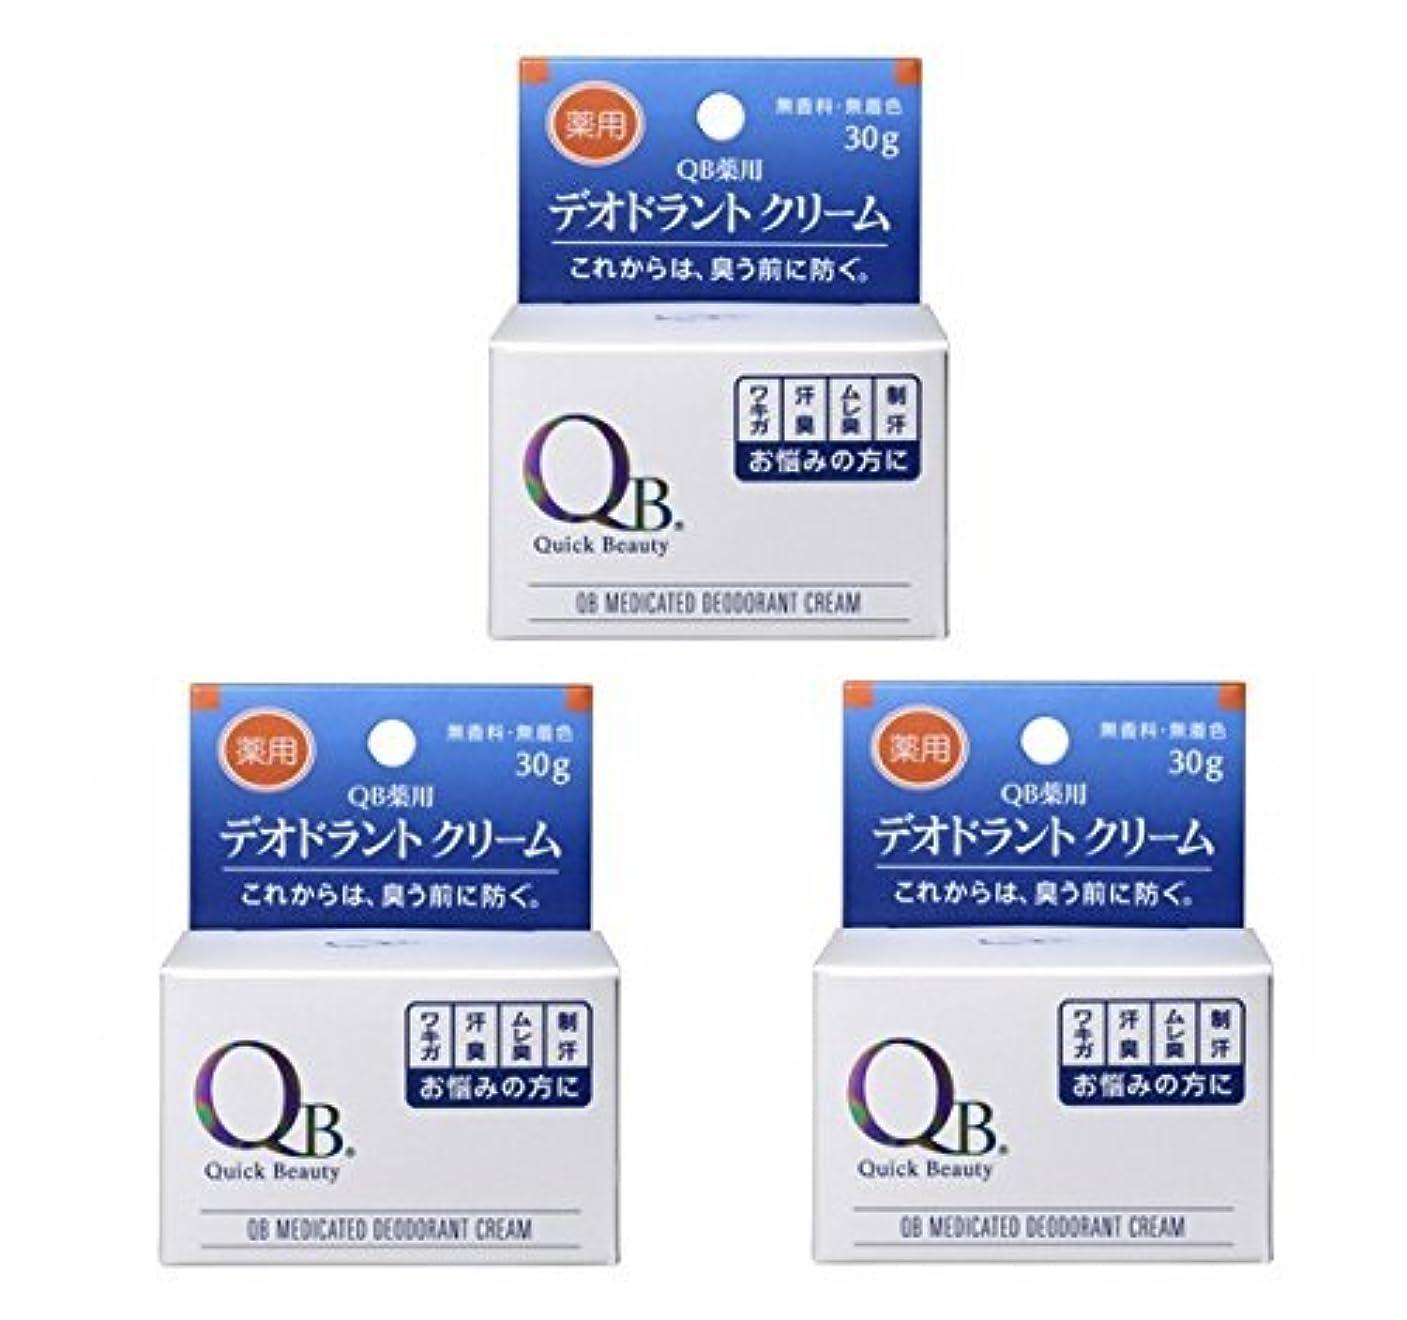 チェスをする破壊的芝生QB薬用デオドラントクリーム 30g×3個セット